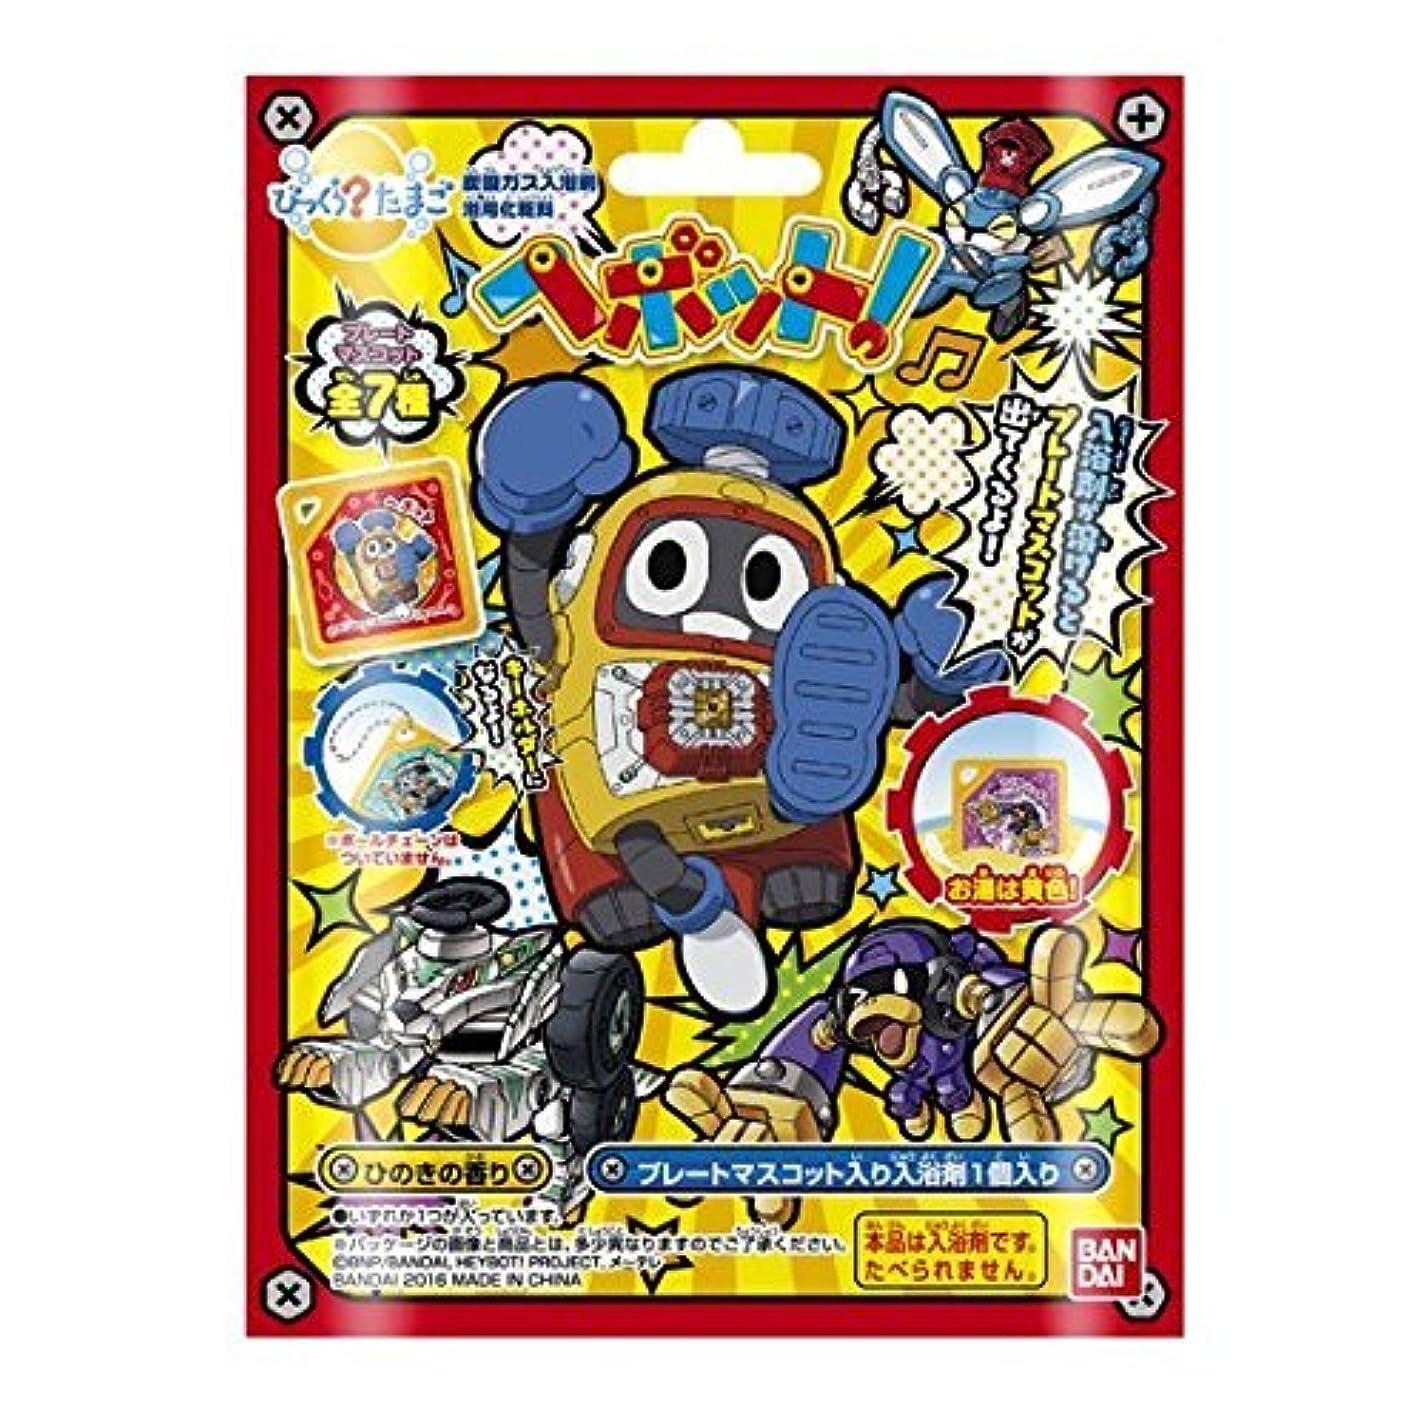 そのような有名バイバイ【炭酸ガスの入浴剤】バンダイ びっくらたまご ヘボット!(3個入りBOX)